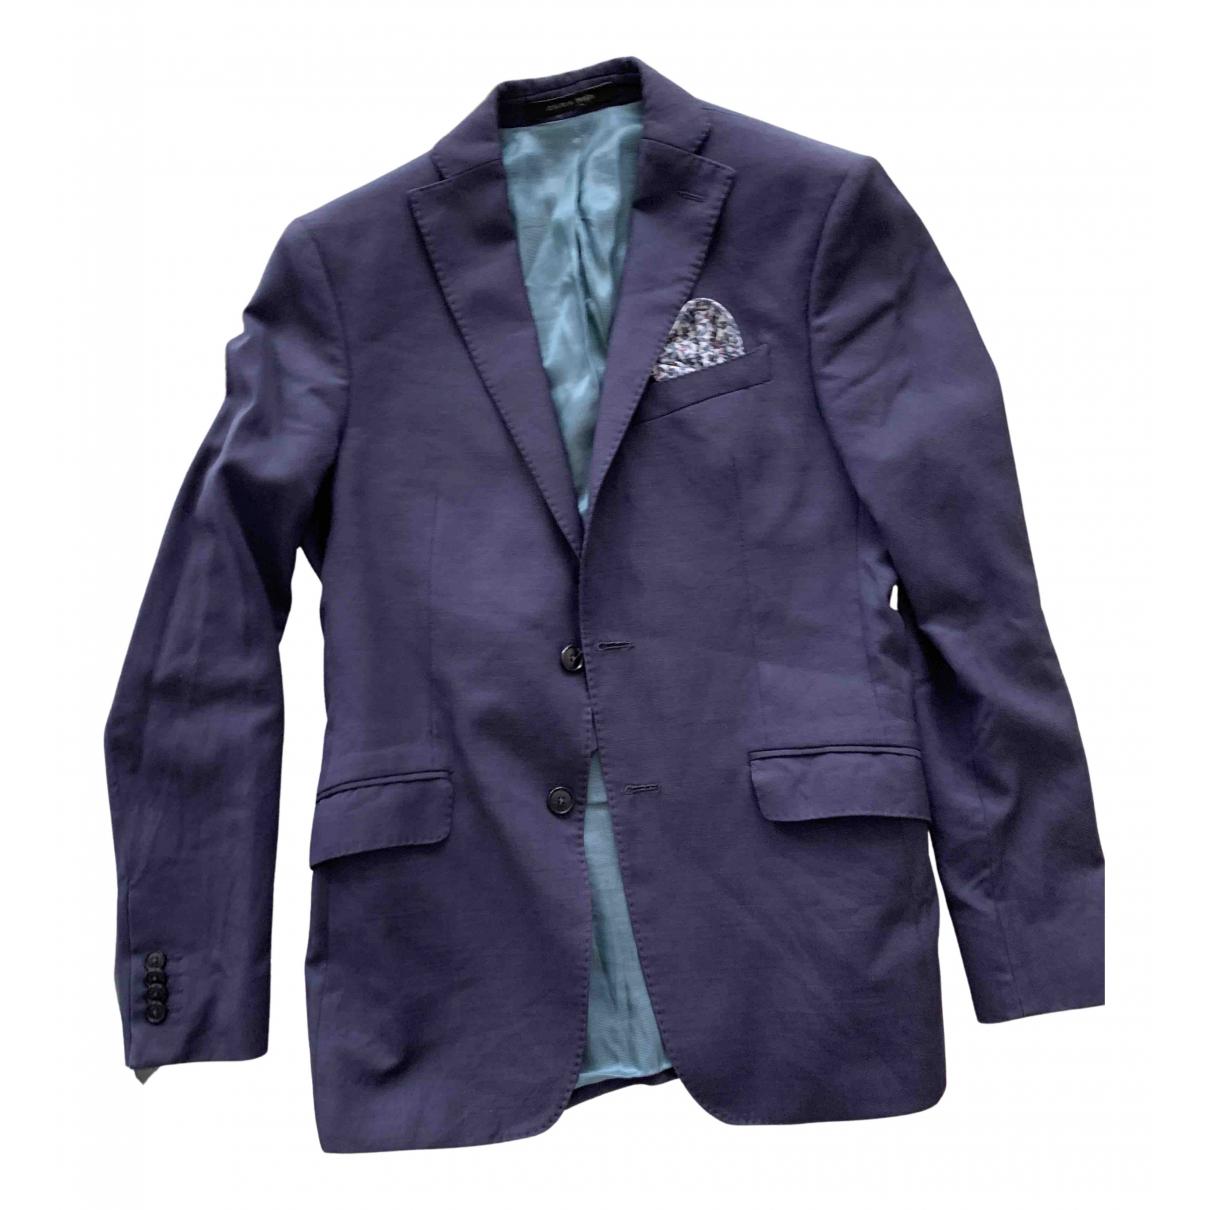 Zara - Vestes.Blousons   pour homme - bleu